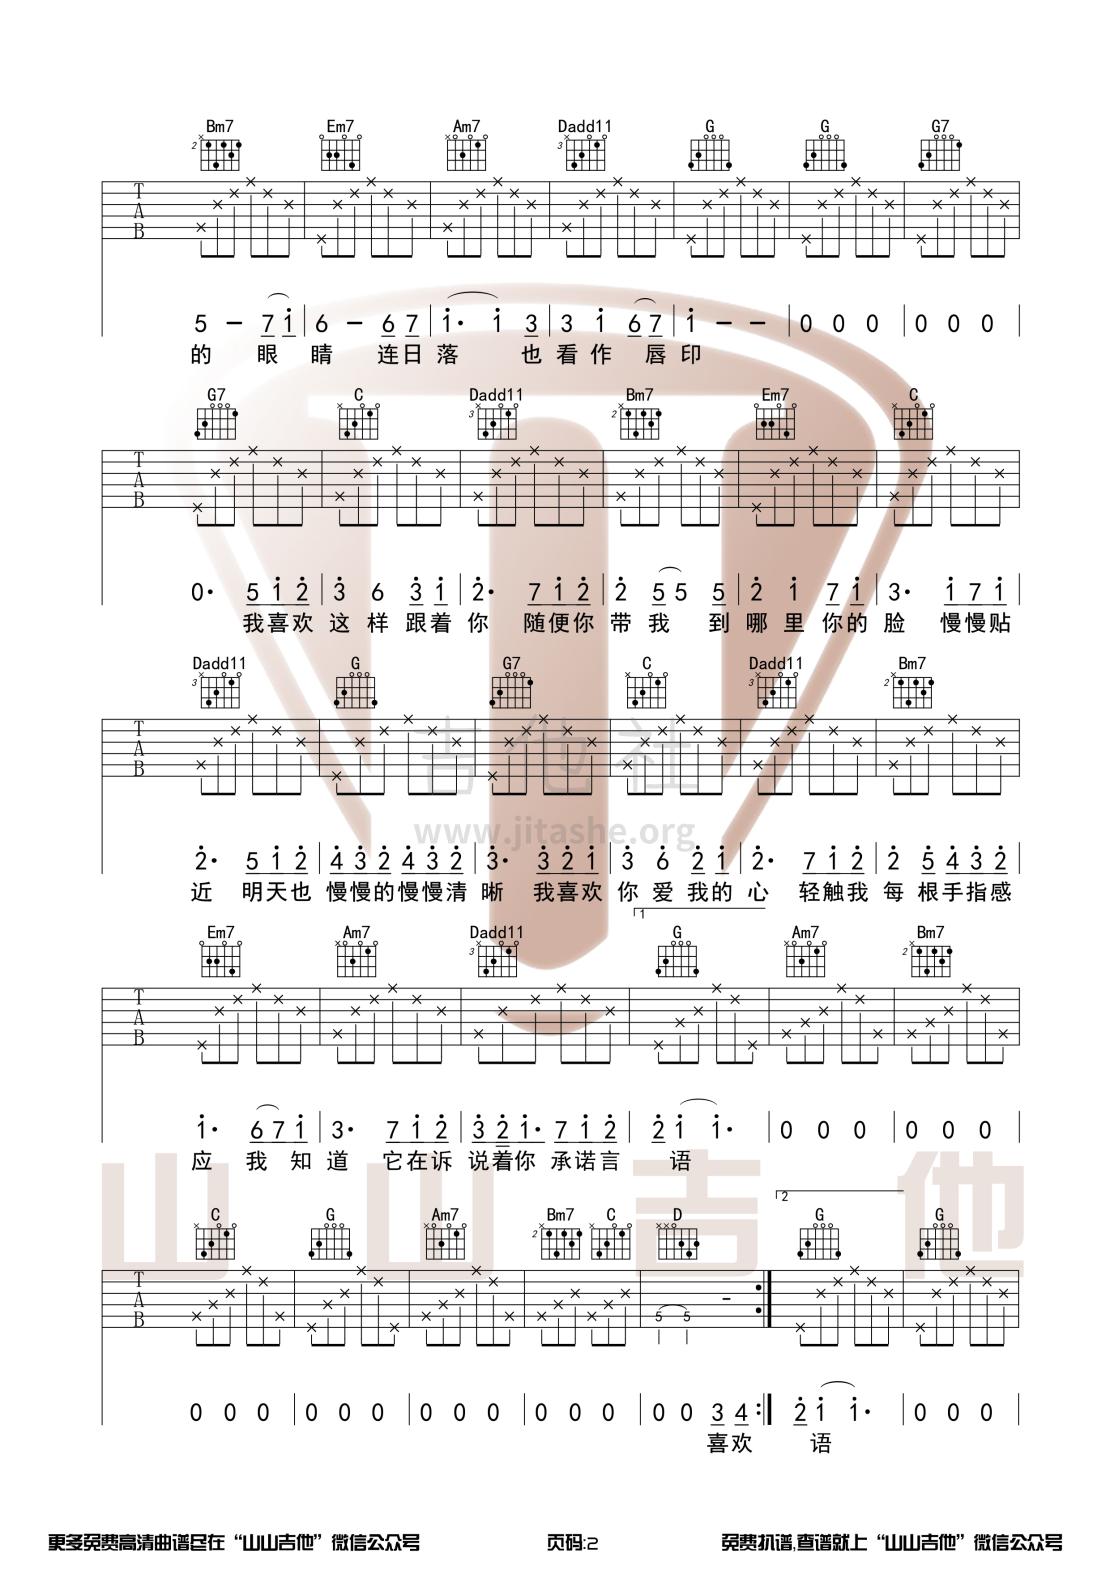 喜欢你(创造营2020 G调和弦吉他谱【山山吉他编配】)吉他谱(图片谱,弹唱)_陈洁仪_喜欢你陈洁仪2.png